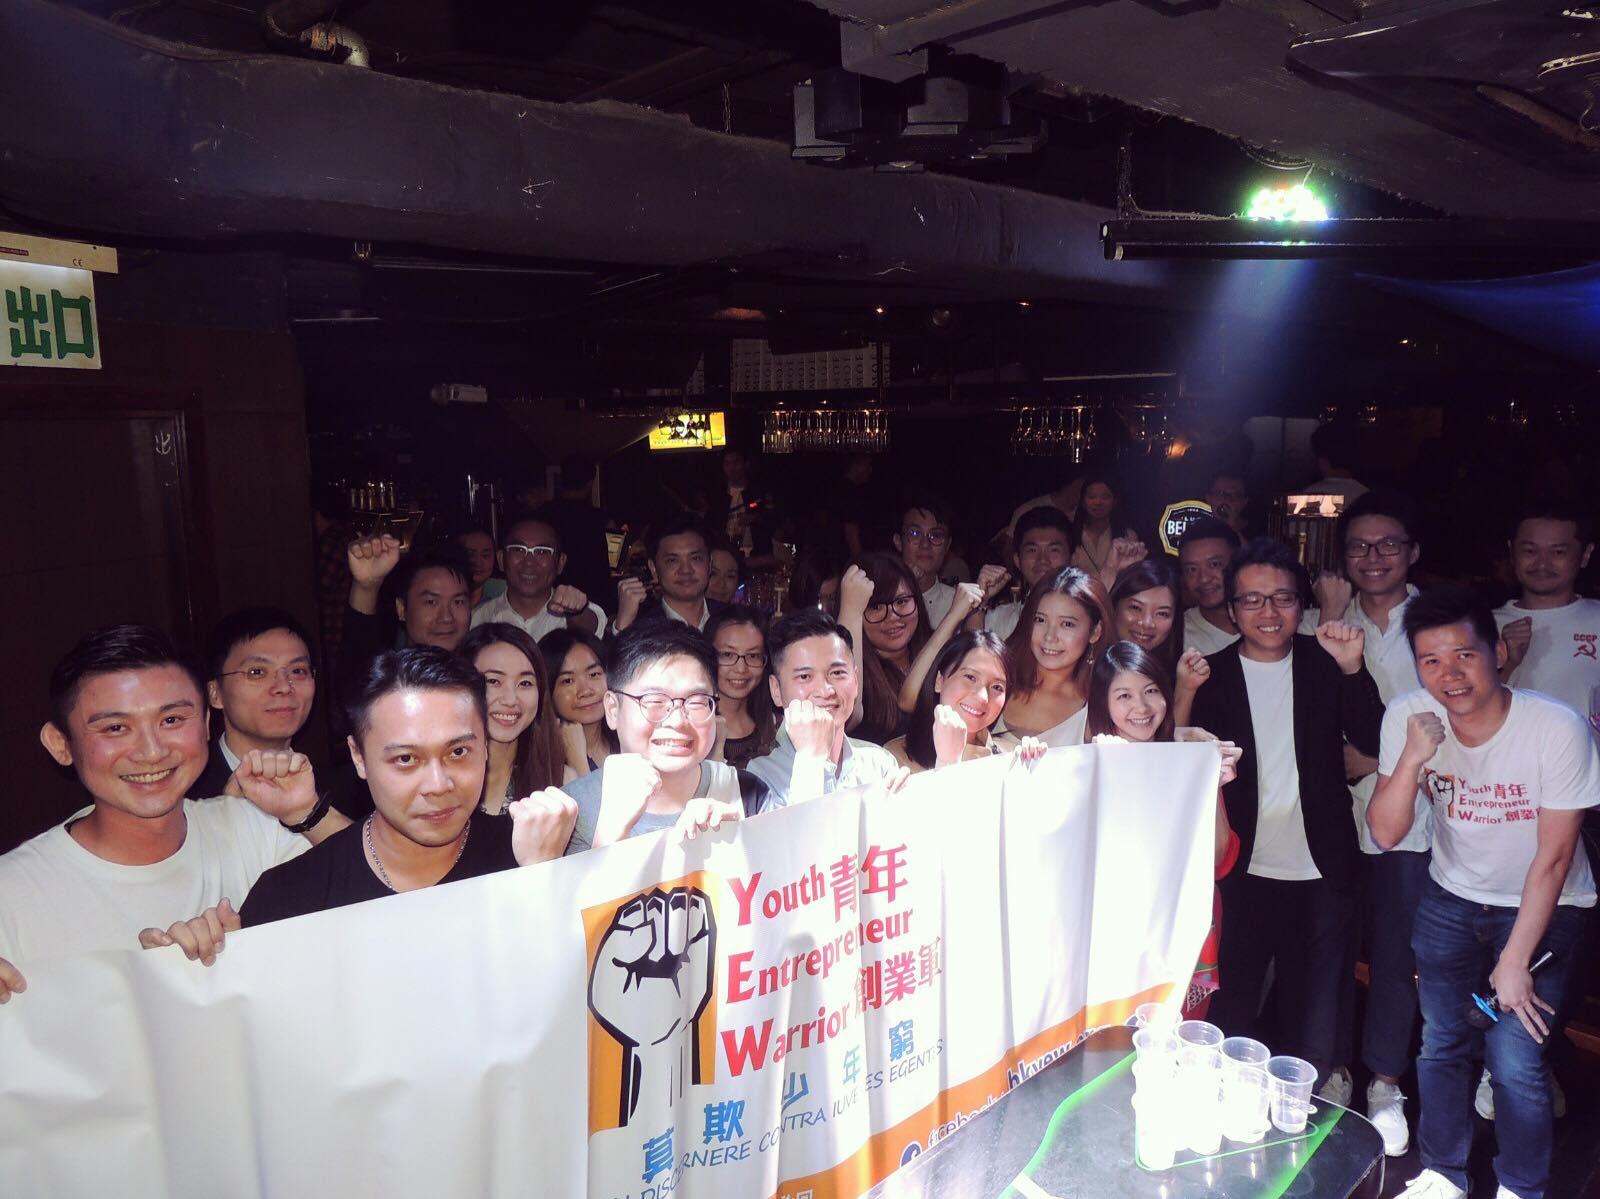 全新亮麗的「青年創業軍」:踏入2019全新的年,青年創業軍一班創業大軍,希望能以更快的速度,凝聚我們這班創業青年的力量,為香港帶來具體的經濟進步,並注入年輕的創意及無限動力。